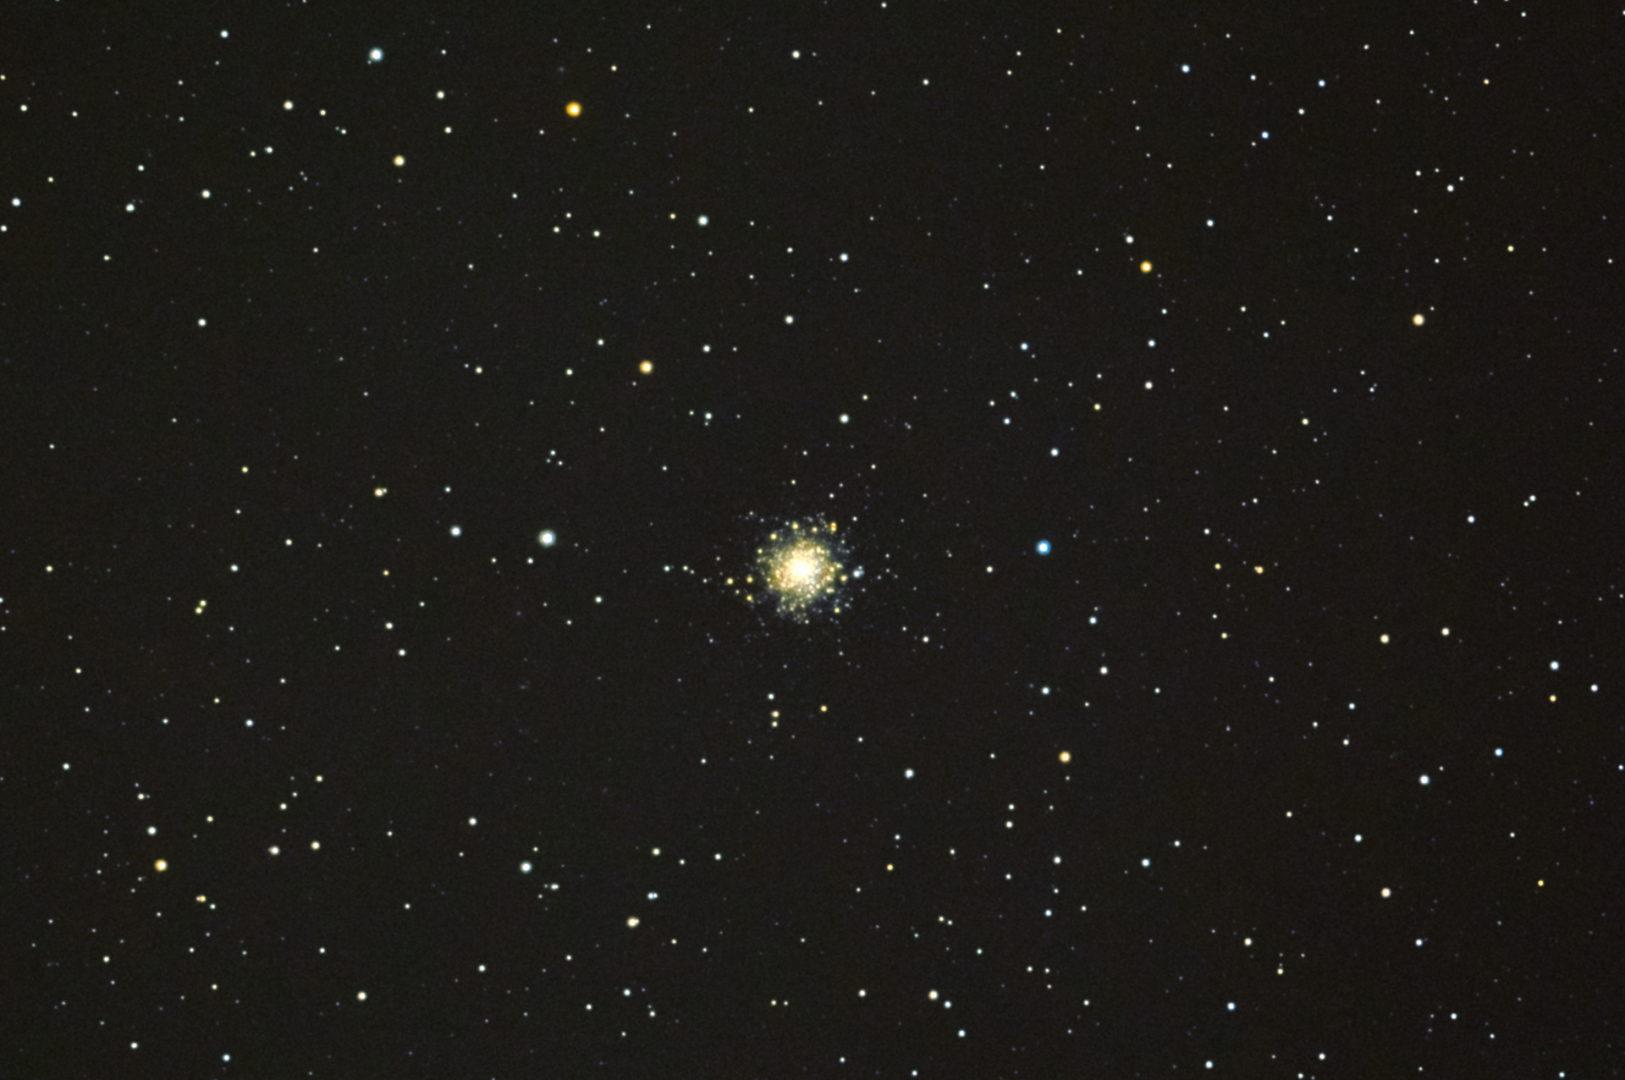 口径15.2cm反射望遠鏡(LXD-55)/F5/PENTAX-KP/ISO51200/カメラダーク/フラットエイドでフラット/露出10秒×30枚を加算平均コンポジットした2017年10月27日01時24分12秒から撮影したM79の天体写真です。